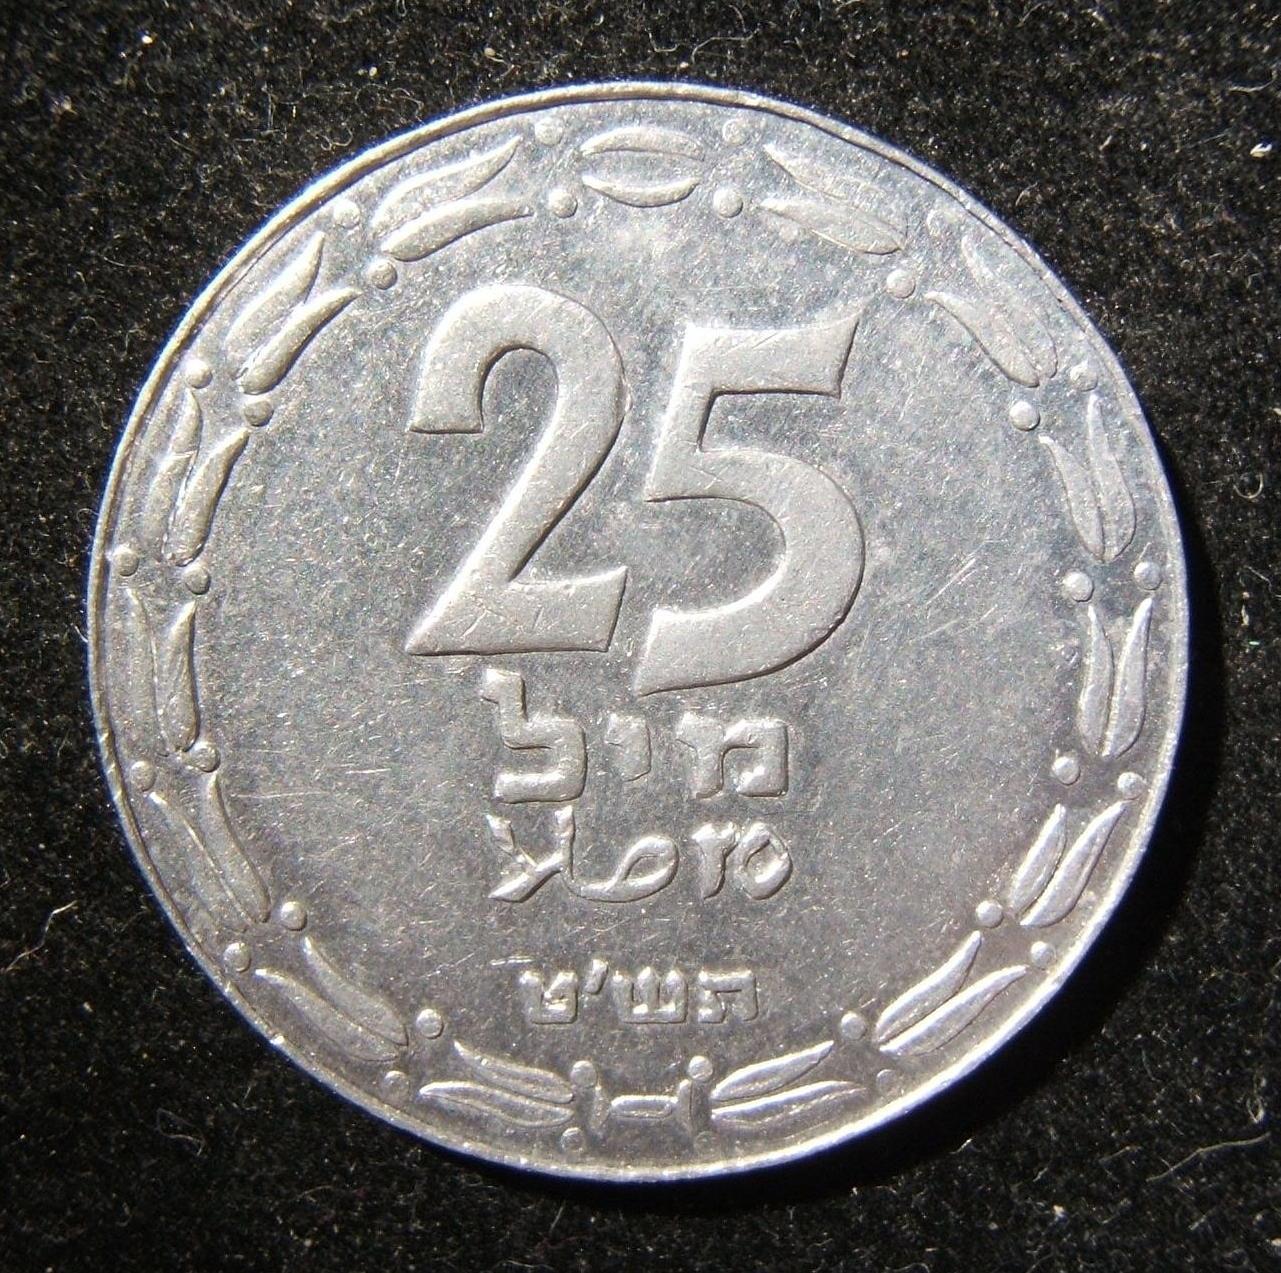 Israel: 25 Mills, 1949 offener Link Ausgabe aus Aluminium; VZ-UNZ (KM-8, P-2). Sehr leichte Abnutzung, einige Markierungen und schöne matte Oberfläche; voller Wulst-Rahmen auf Vord